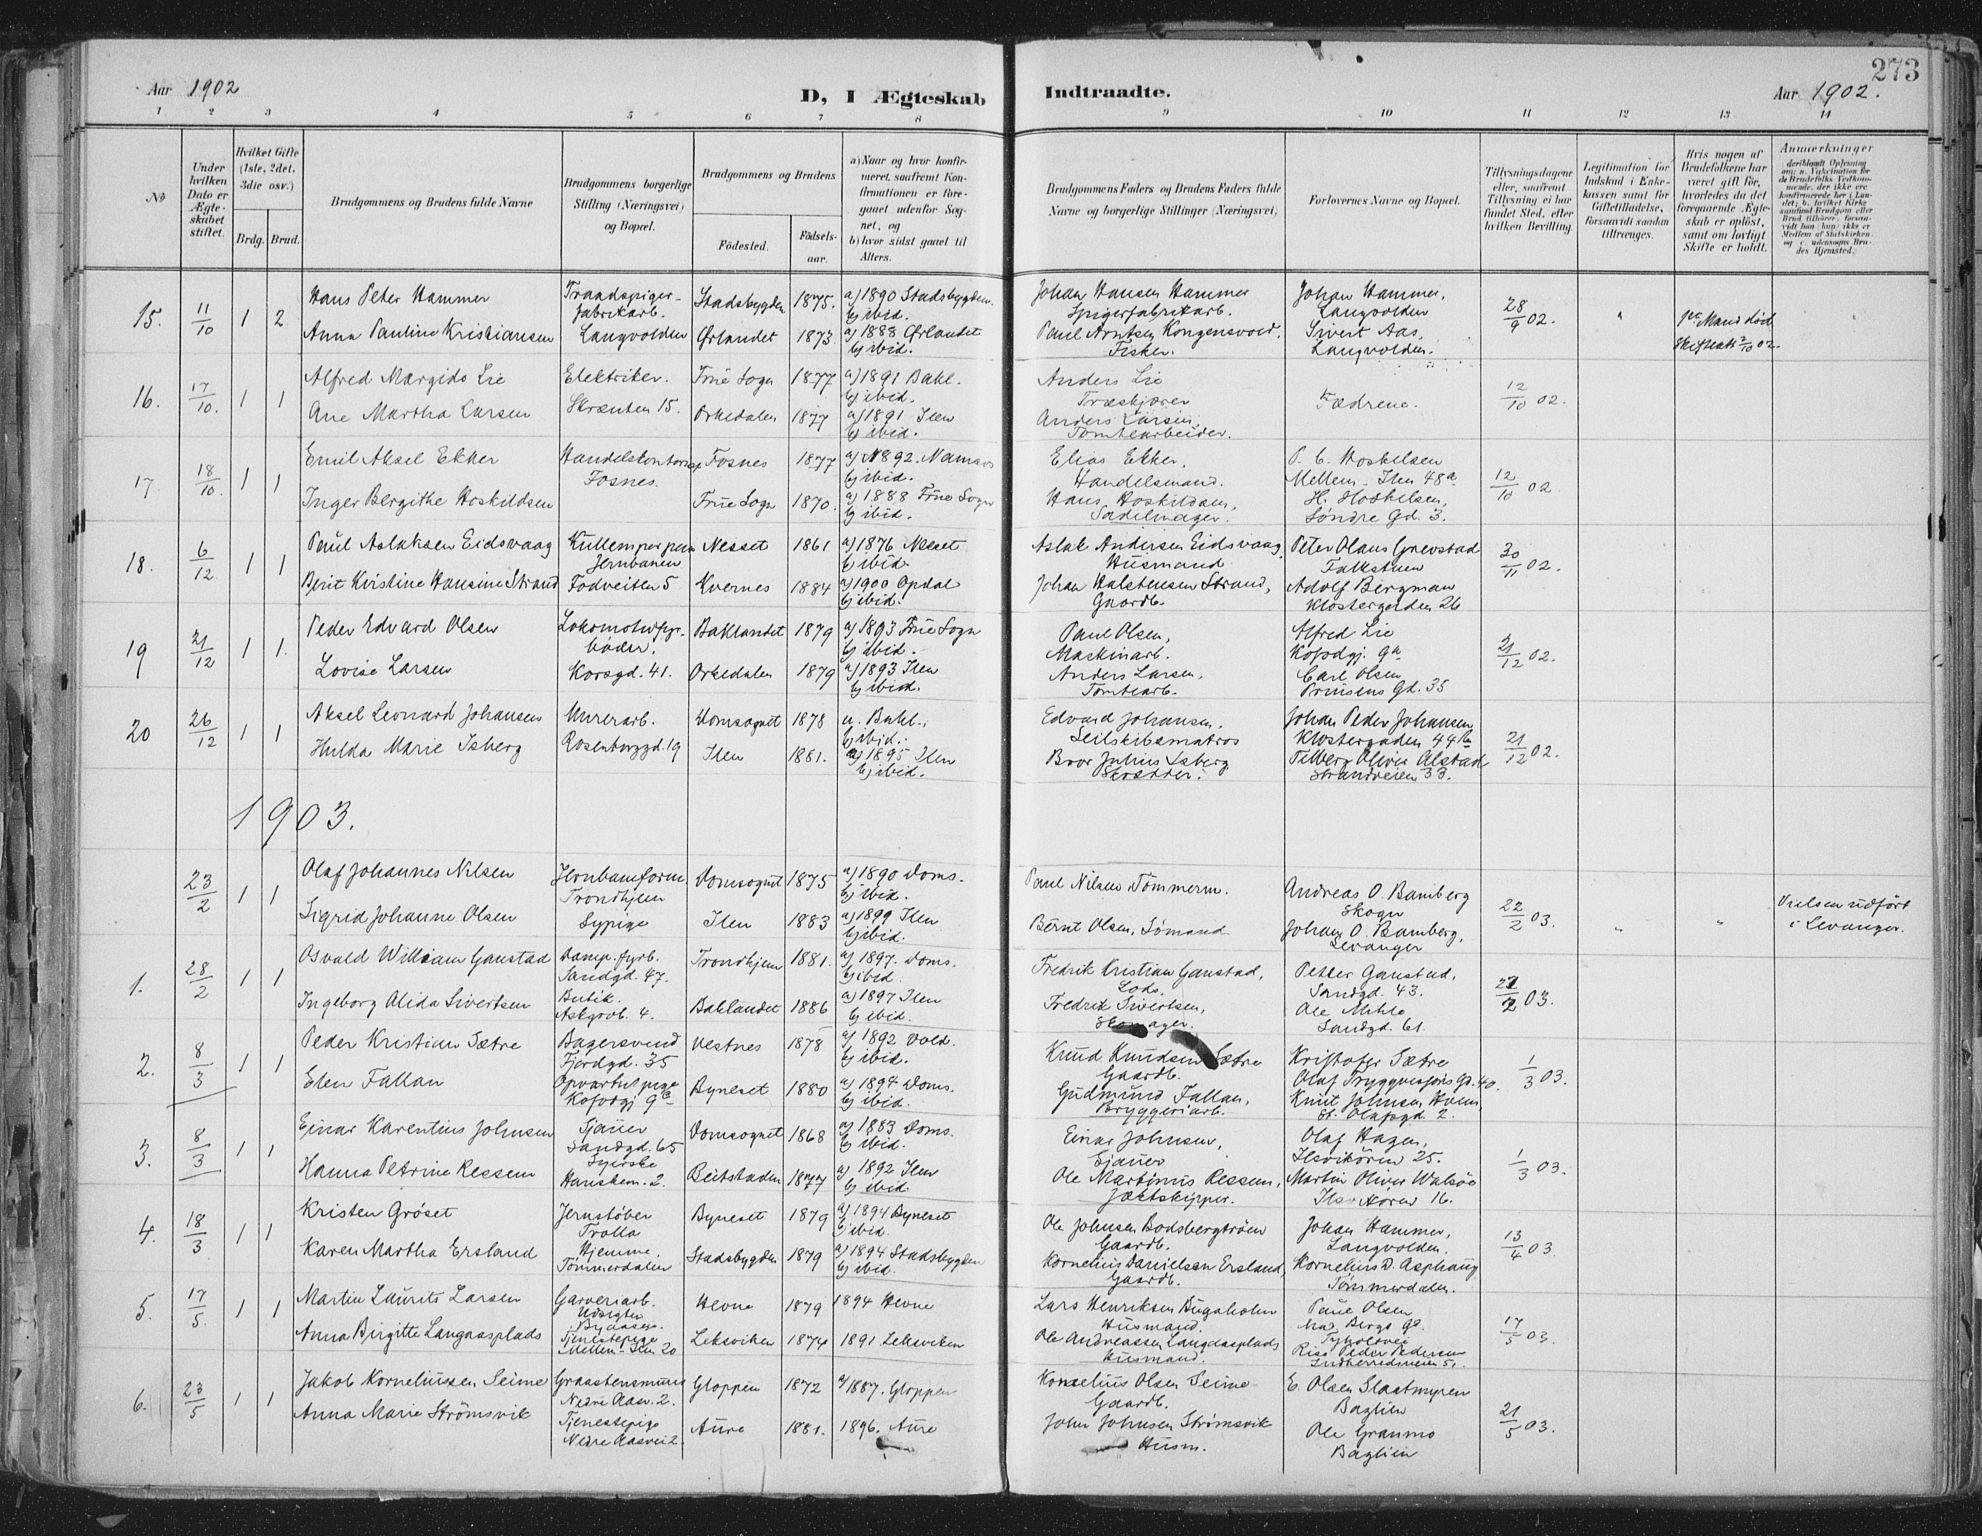 SAT, Ministerialprotokoller, klokkerbøker og fødselsregistre - Sør-Trøndelag, 603/L0167: Ministerialbok nr. 603A06, 1896-1932, s. 273